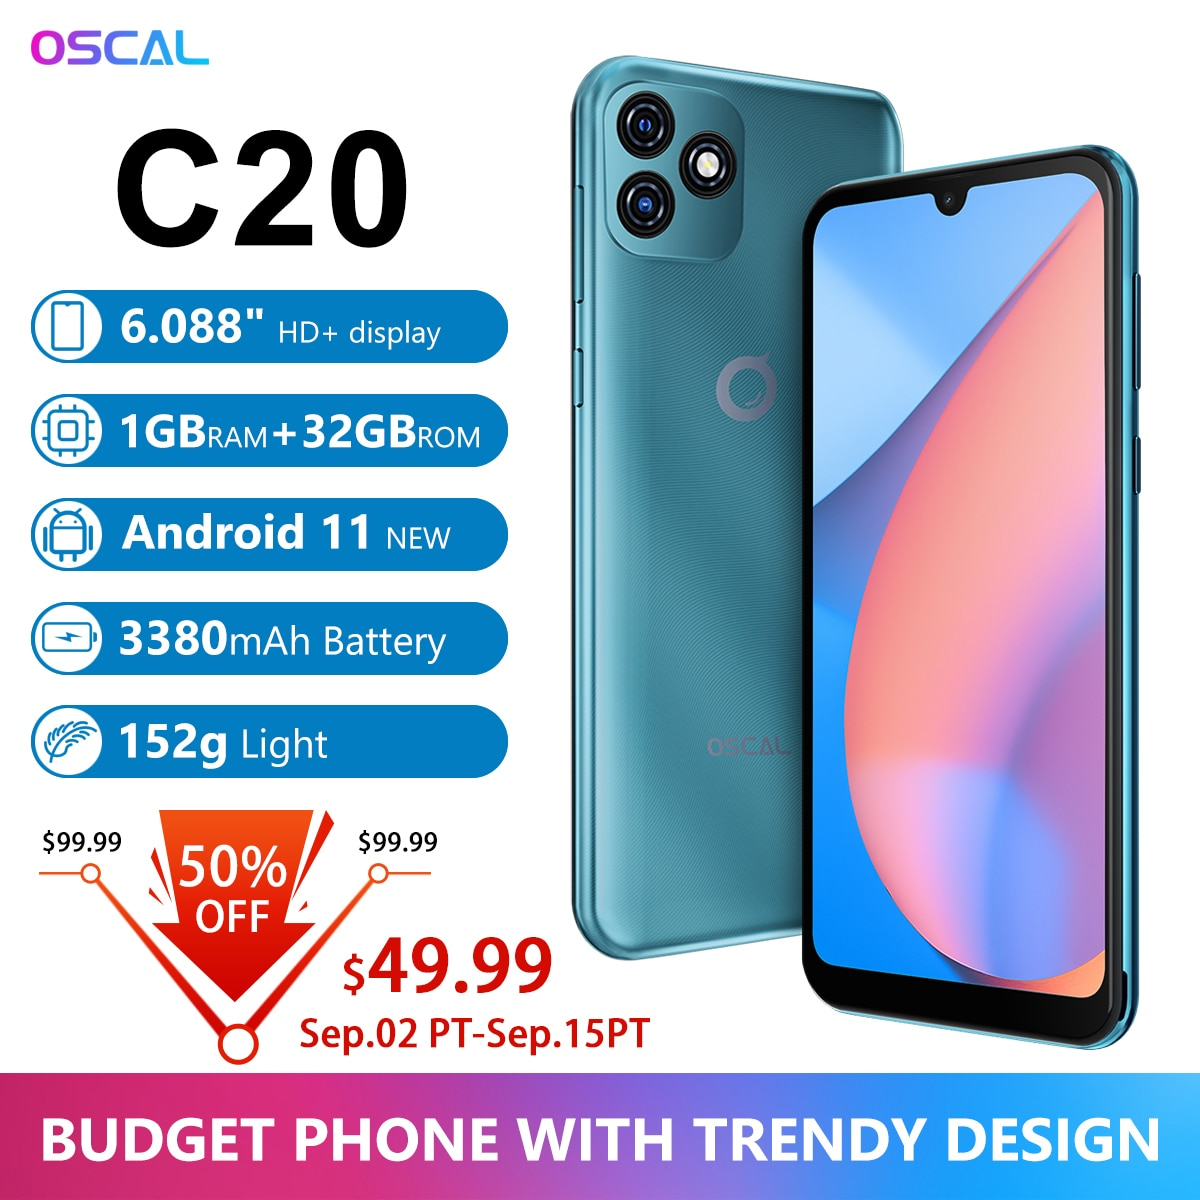 """BLACKVIEW OSCAL C20 Smartphone 1GB RAM 32GB ROM SC7731E Quad Core 6.088"""" Cellphone 3380mAh Dual Camera Android 11 Mobile Phone"""